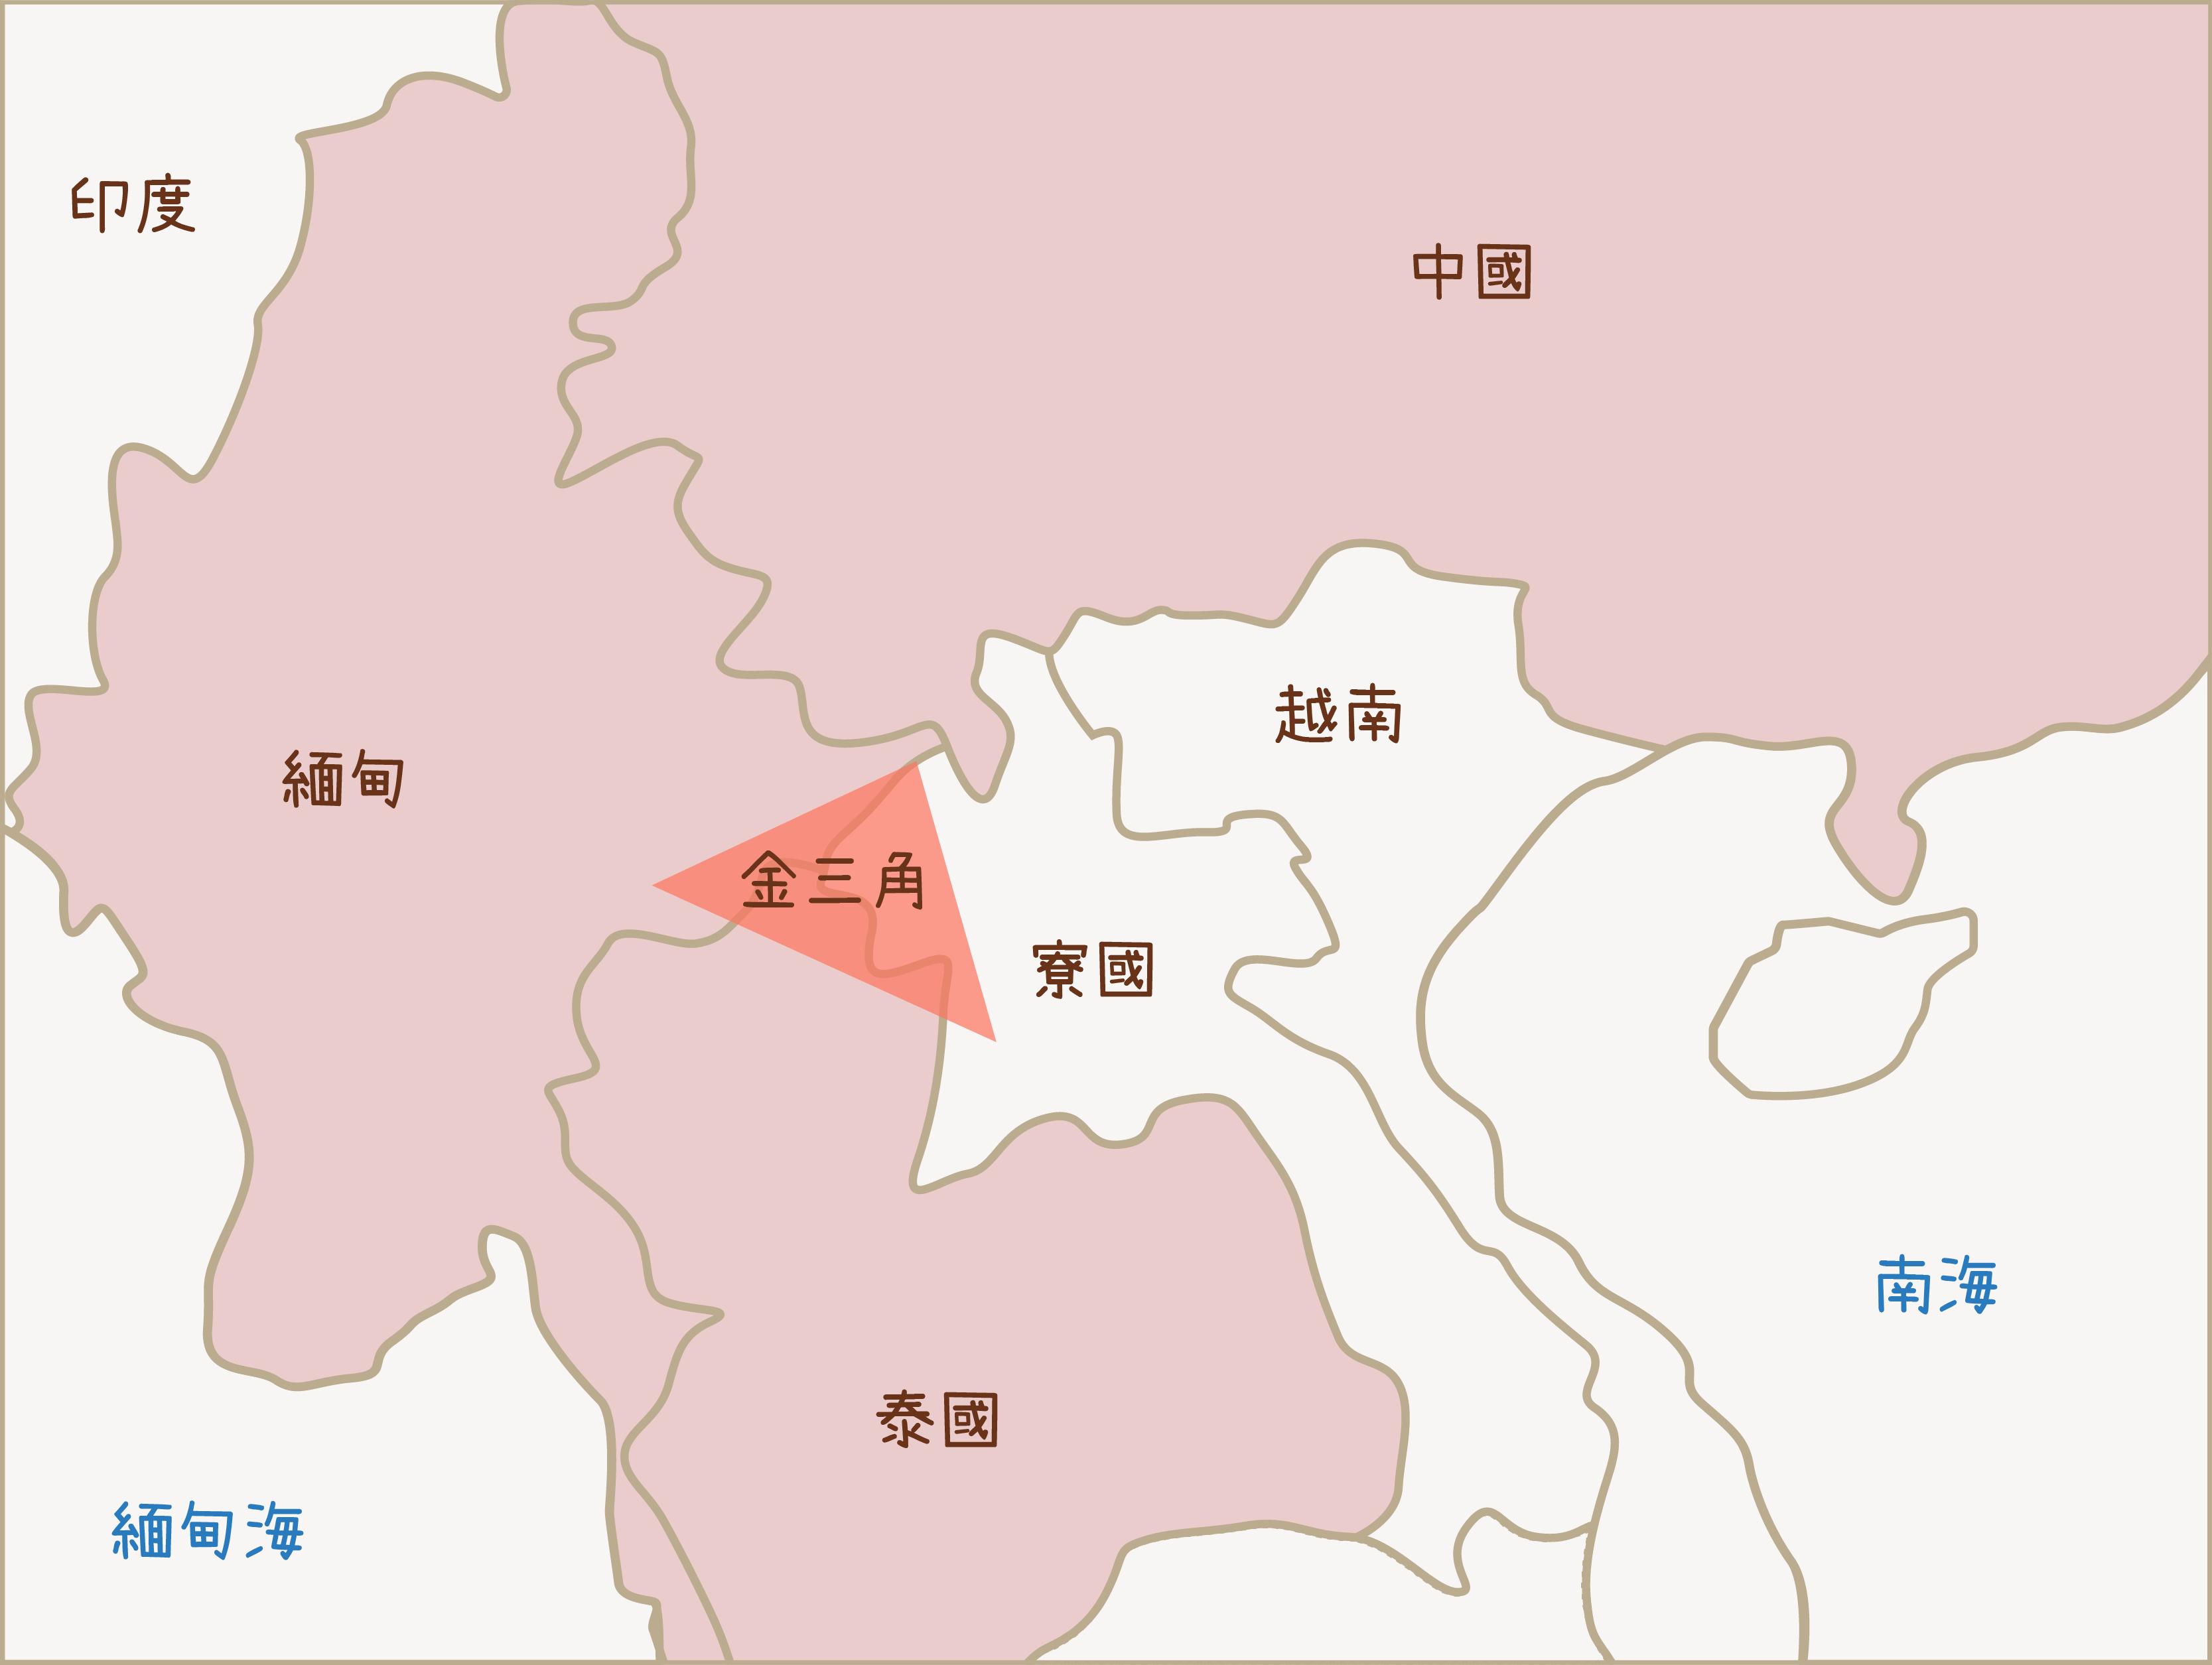 本文所述的「泰北金三角」地區,許多從中國撤退的雲南人,經過緬甸跋涉至此求生,也就是黃樹民進行田野調查的聚落所在。圖│研之有物(資料來源│黃樹民提供)